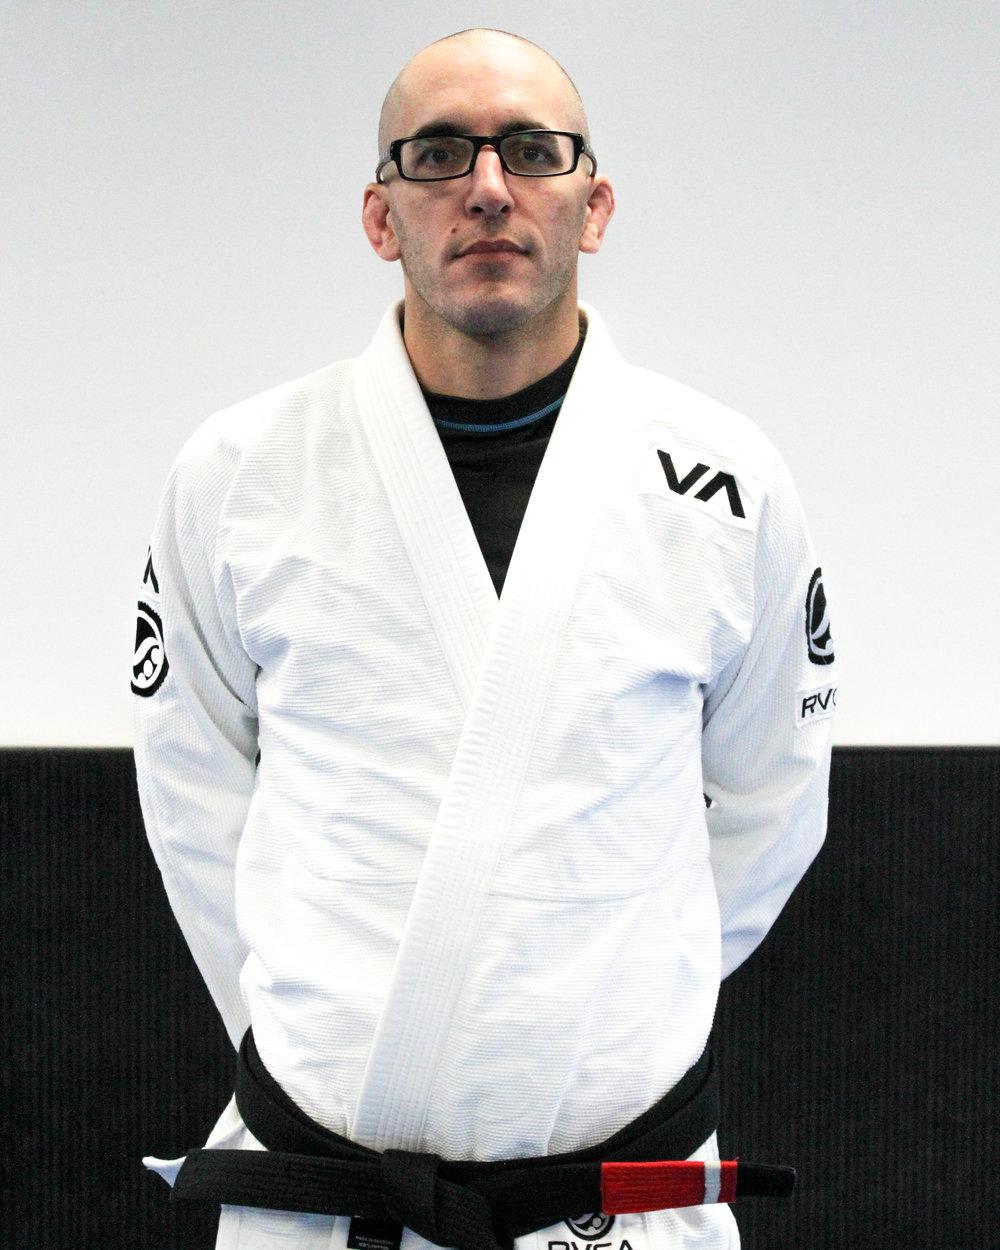 Professor PJ O'Sullivan